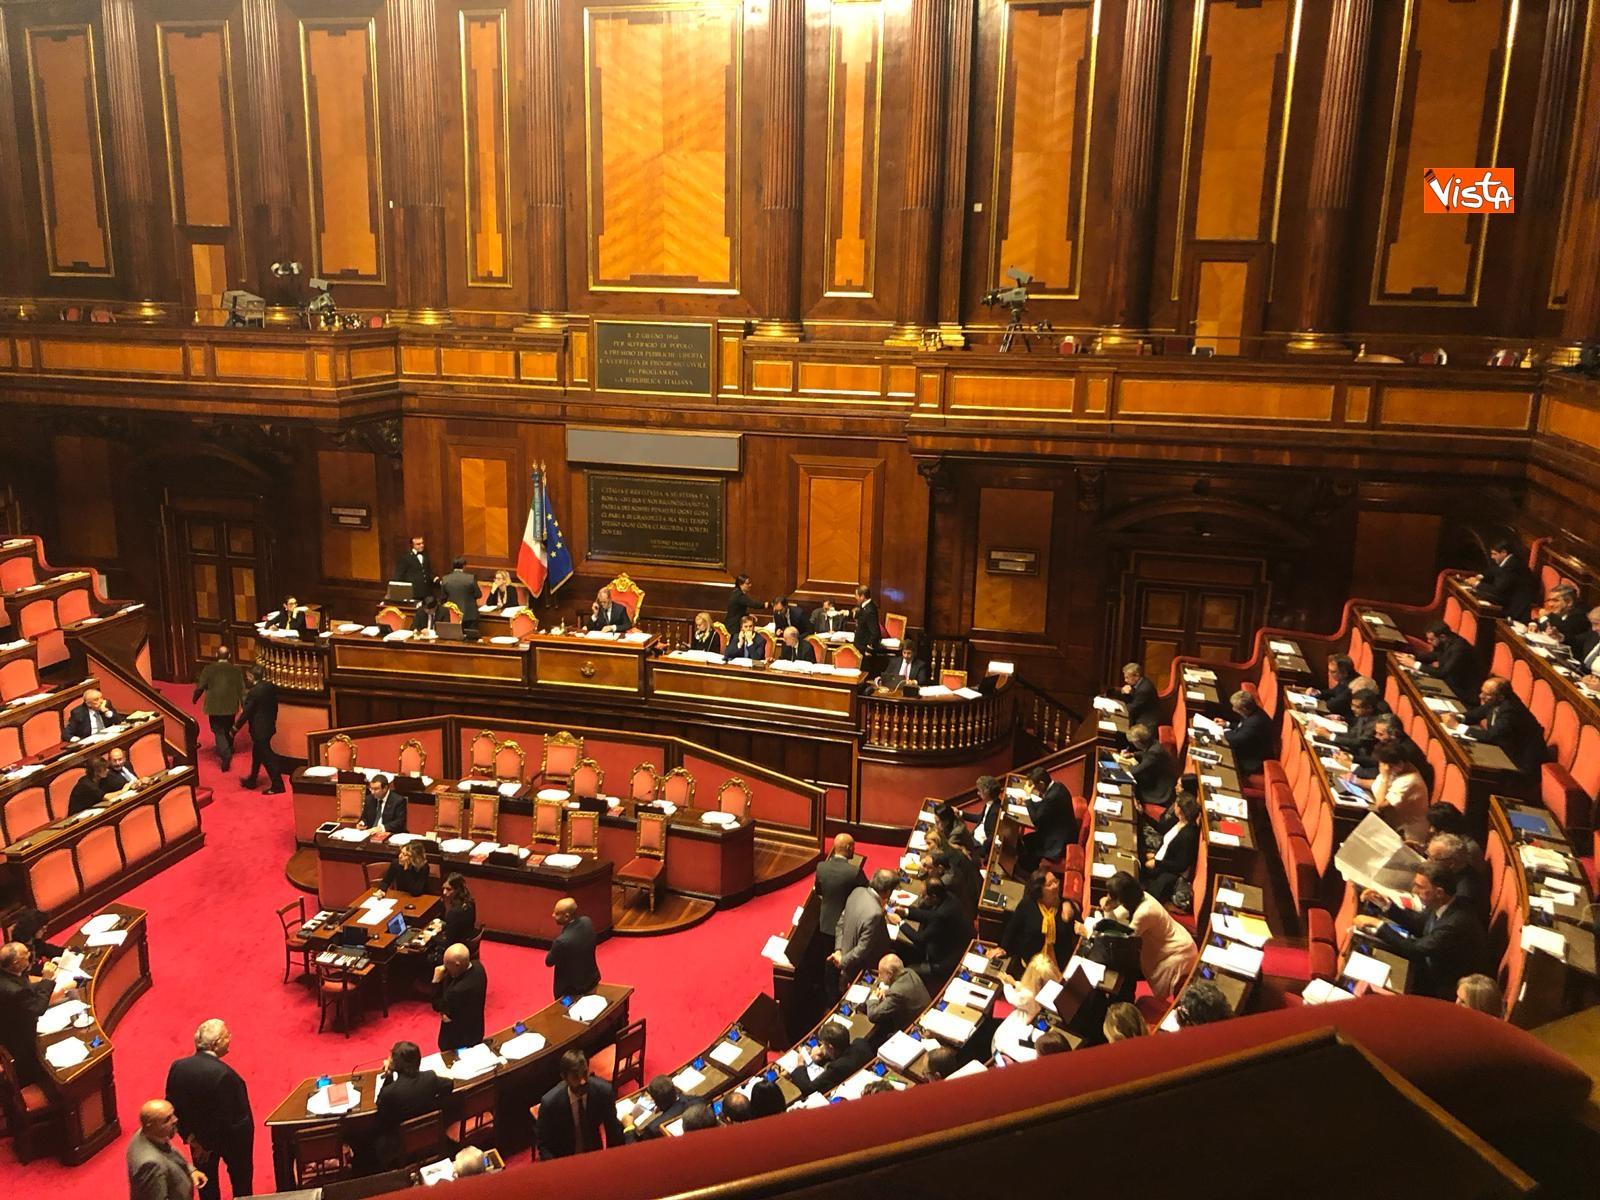 L'aula del Senato_07